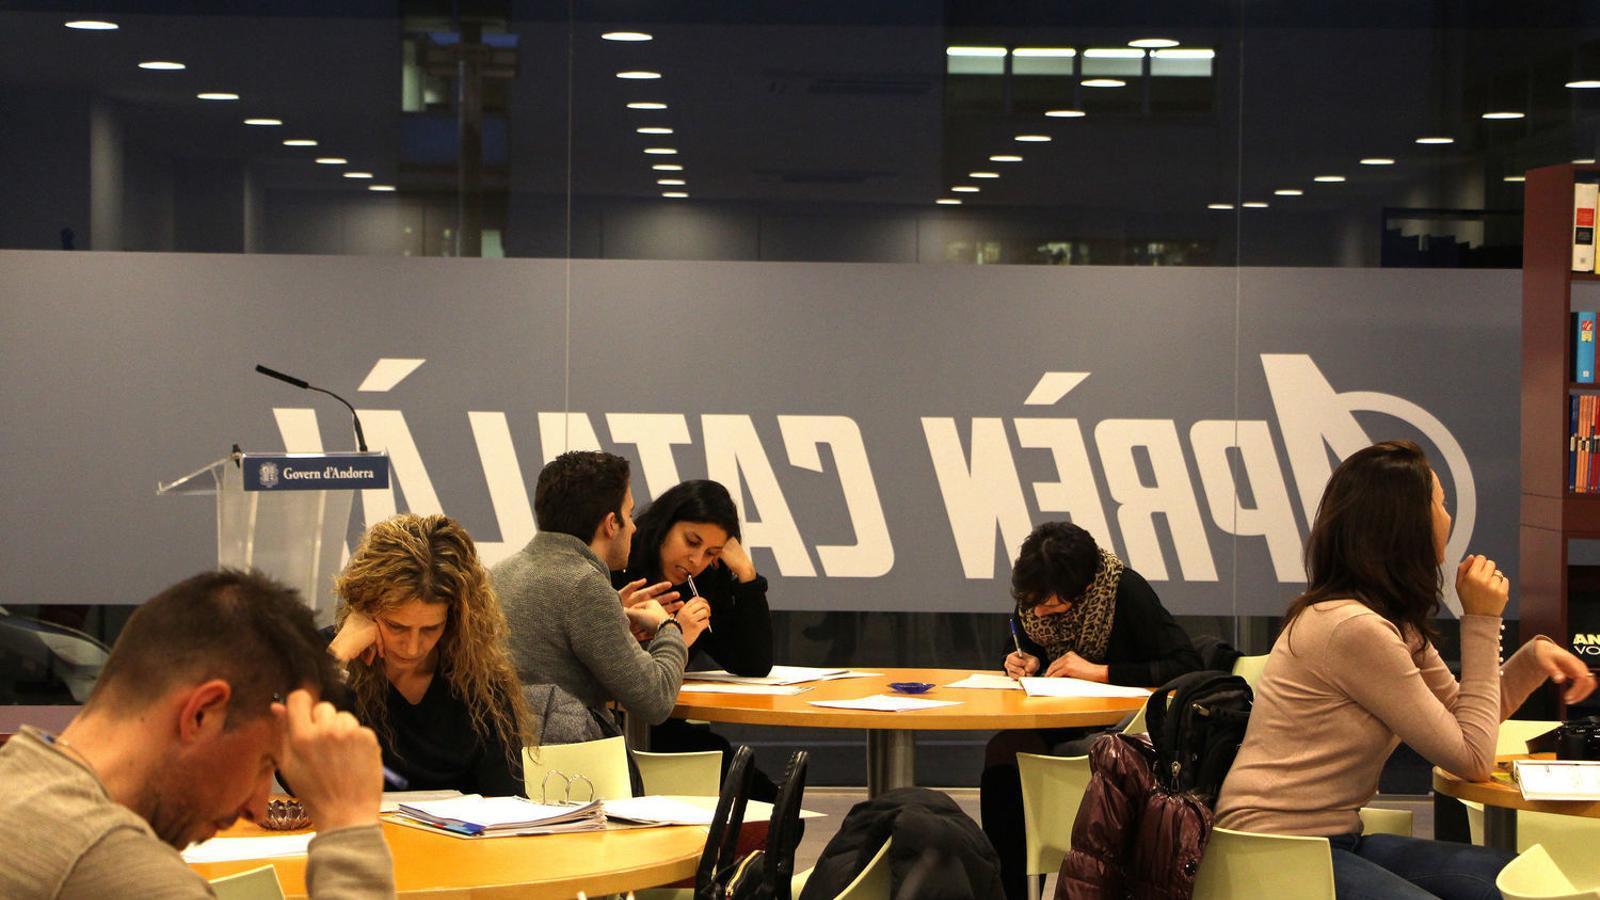 Estudiants al nou Centre d'autoaprenentatge del català d'Escaldes-Engordany. / M. F. (ANA)